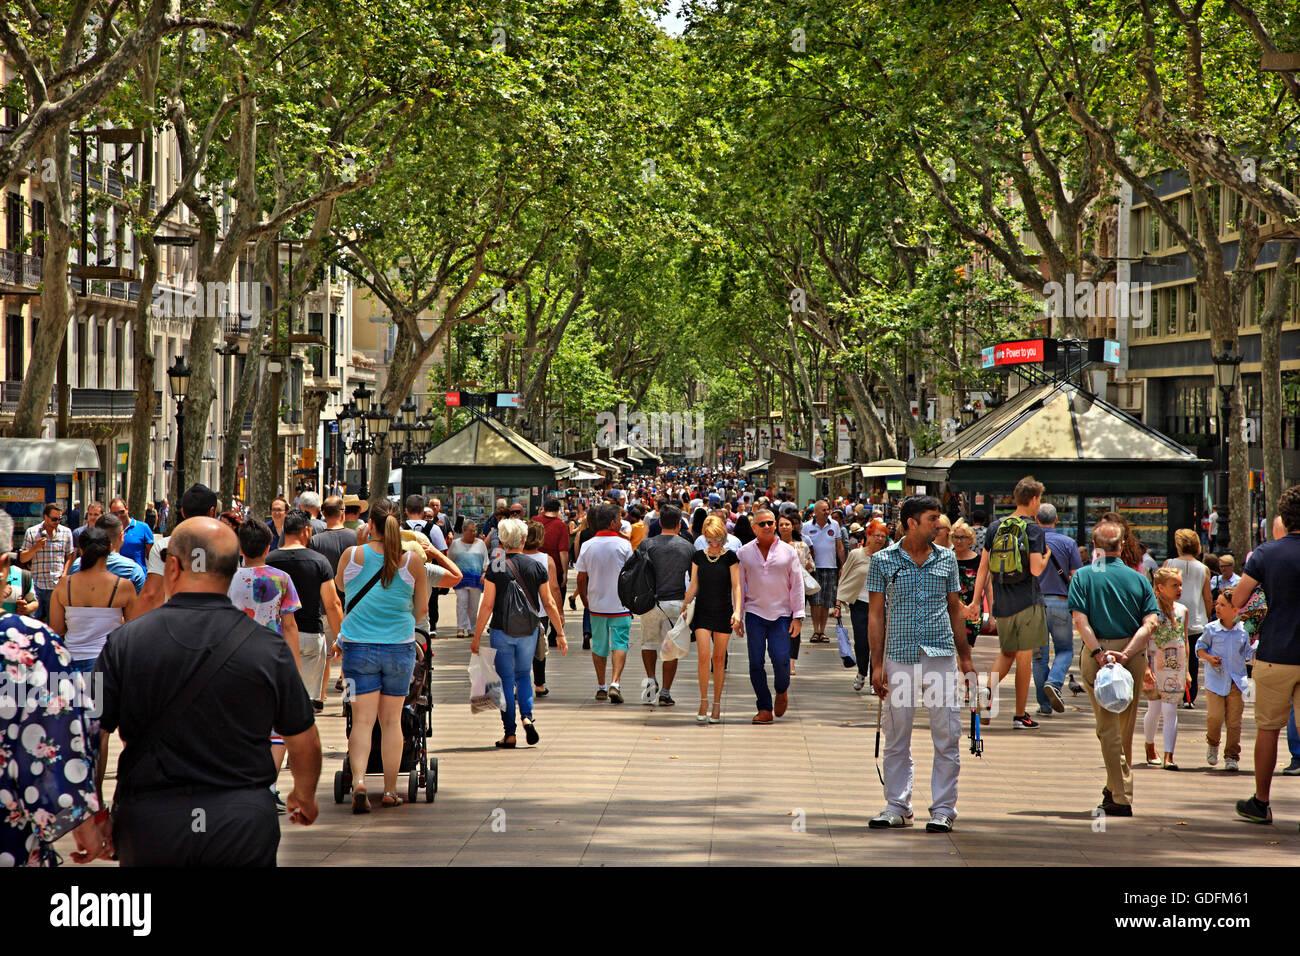 Sur Las Ramblas, la rue la plus célèbre de Barcelone (et l'un des plus célèbres du monde), Catalogne, Espagne Banque D'Images